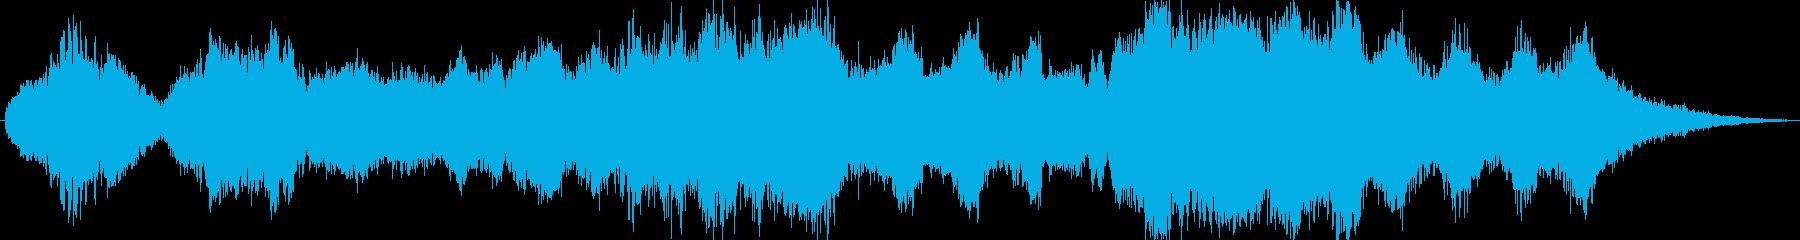 幻想さと気だるさの環境系音楽の再生済みの波形